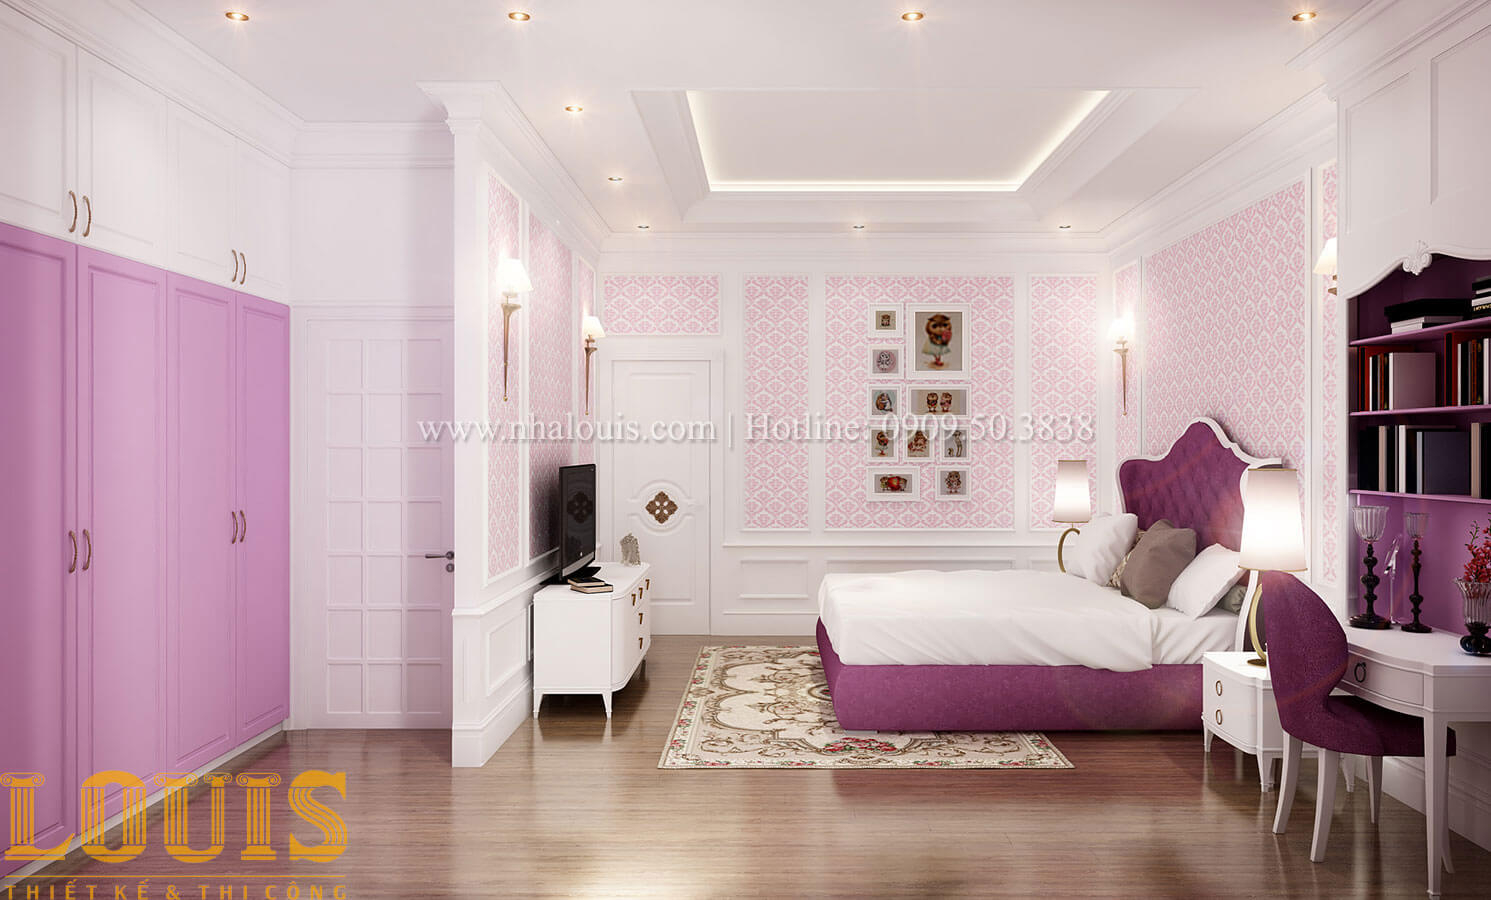 Phòng ngủ Thiết kế biệt thự 3 tầng đẹp có sân vườn ở miền quê Đồng Nai - 27